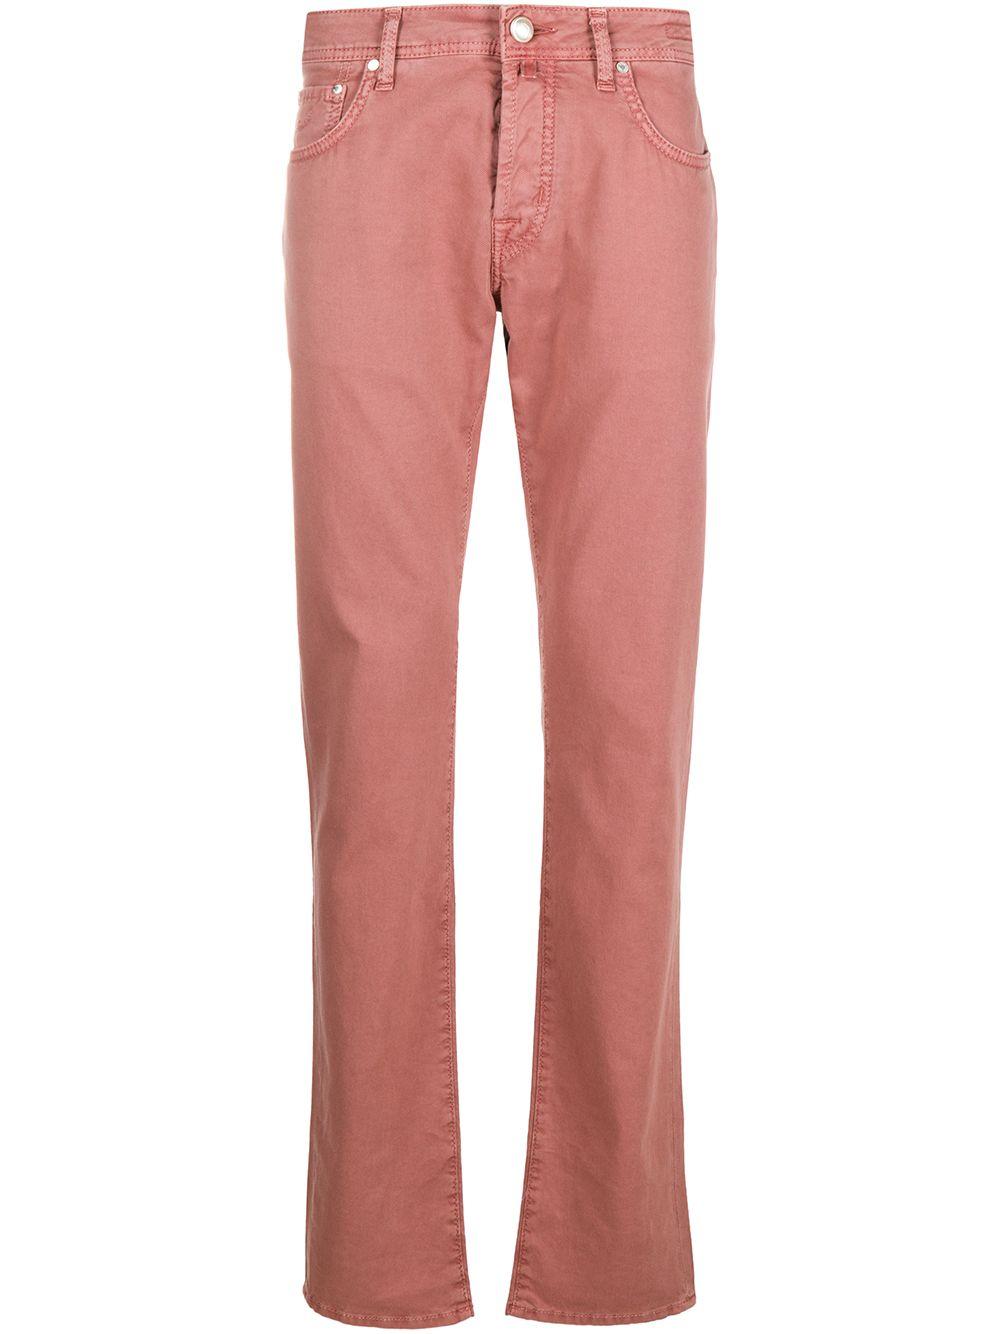 20 Pockets Cotton Jeans